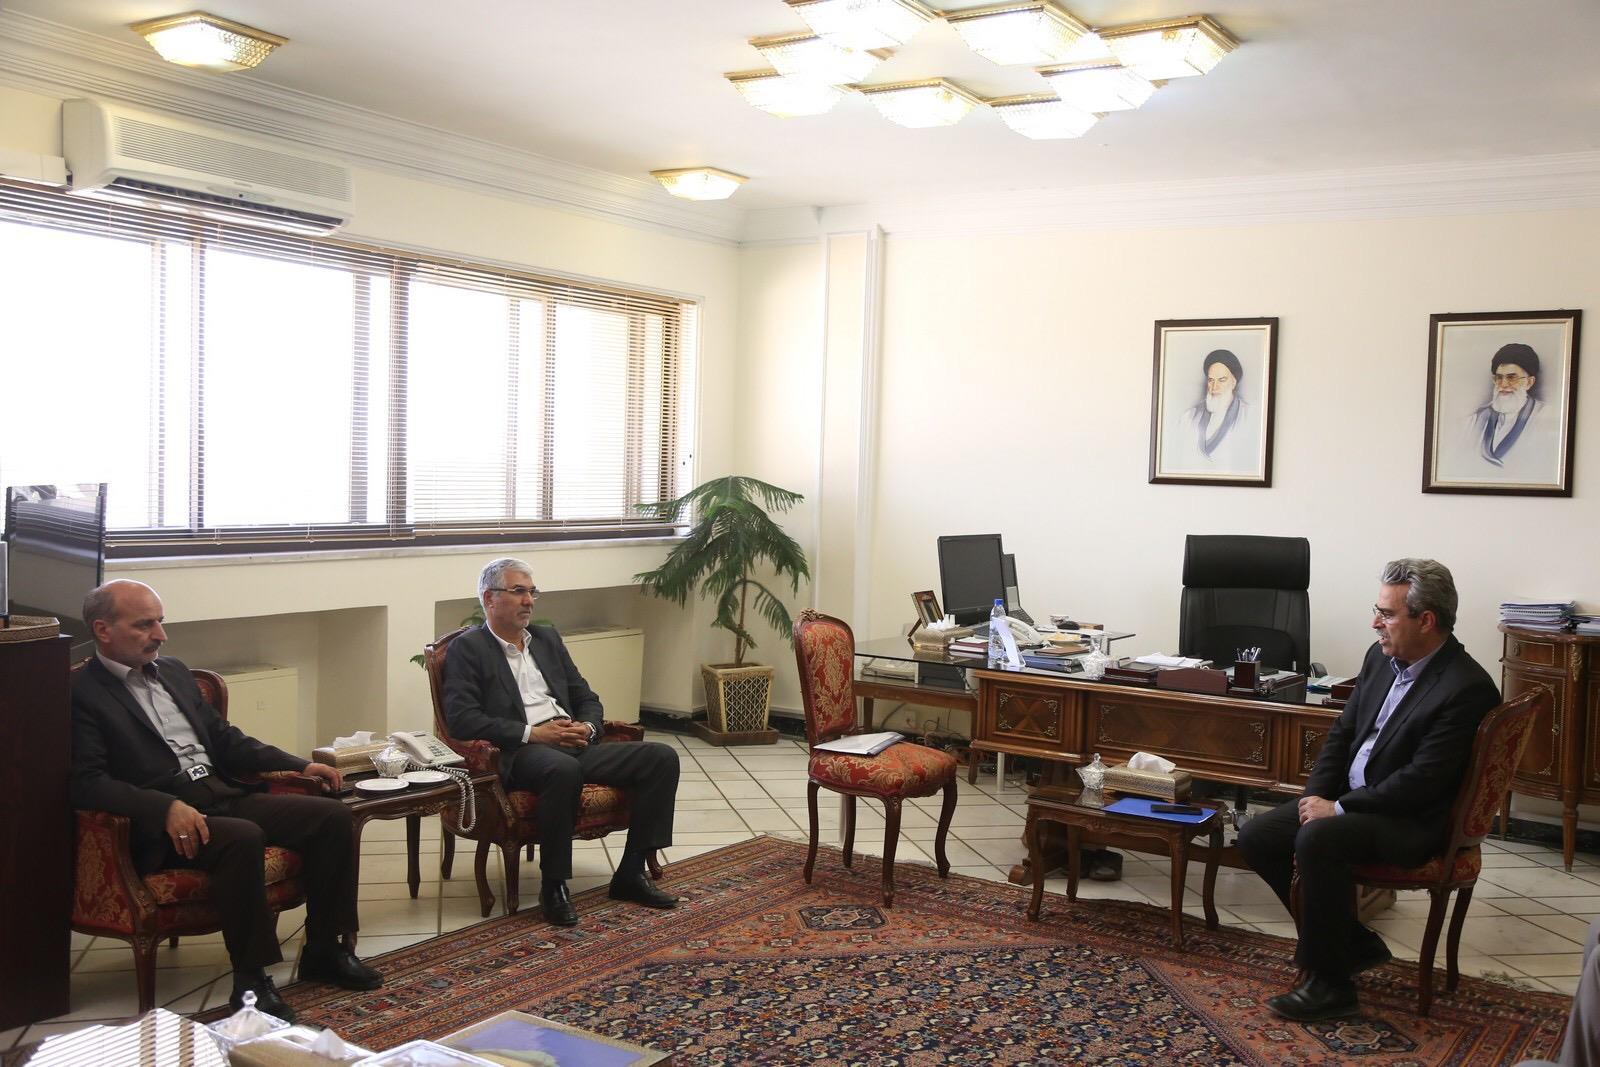 استاندار فارس در دیدار مدیران و کارشناسان سازمان برنامه و بودجه کشور